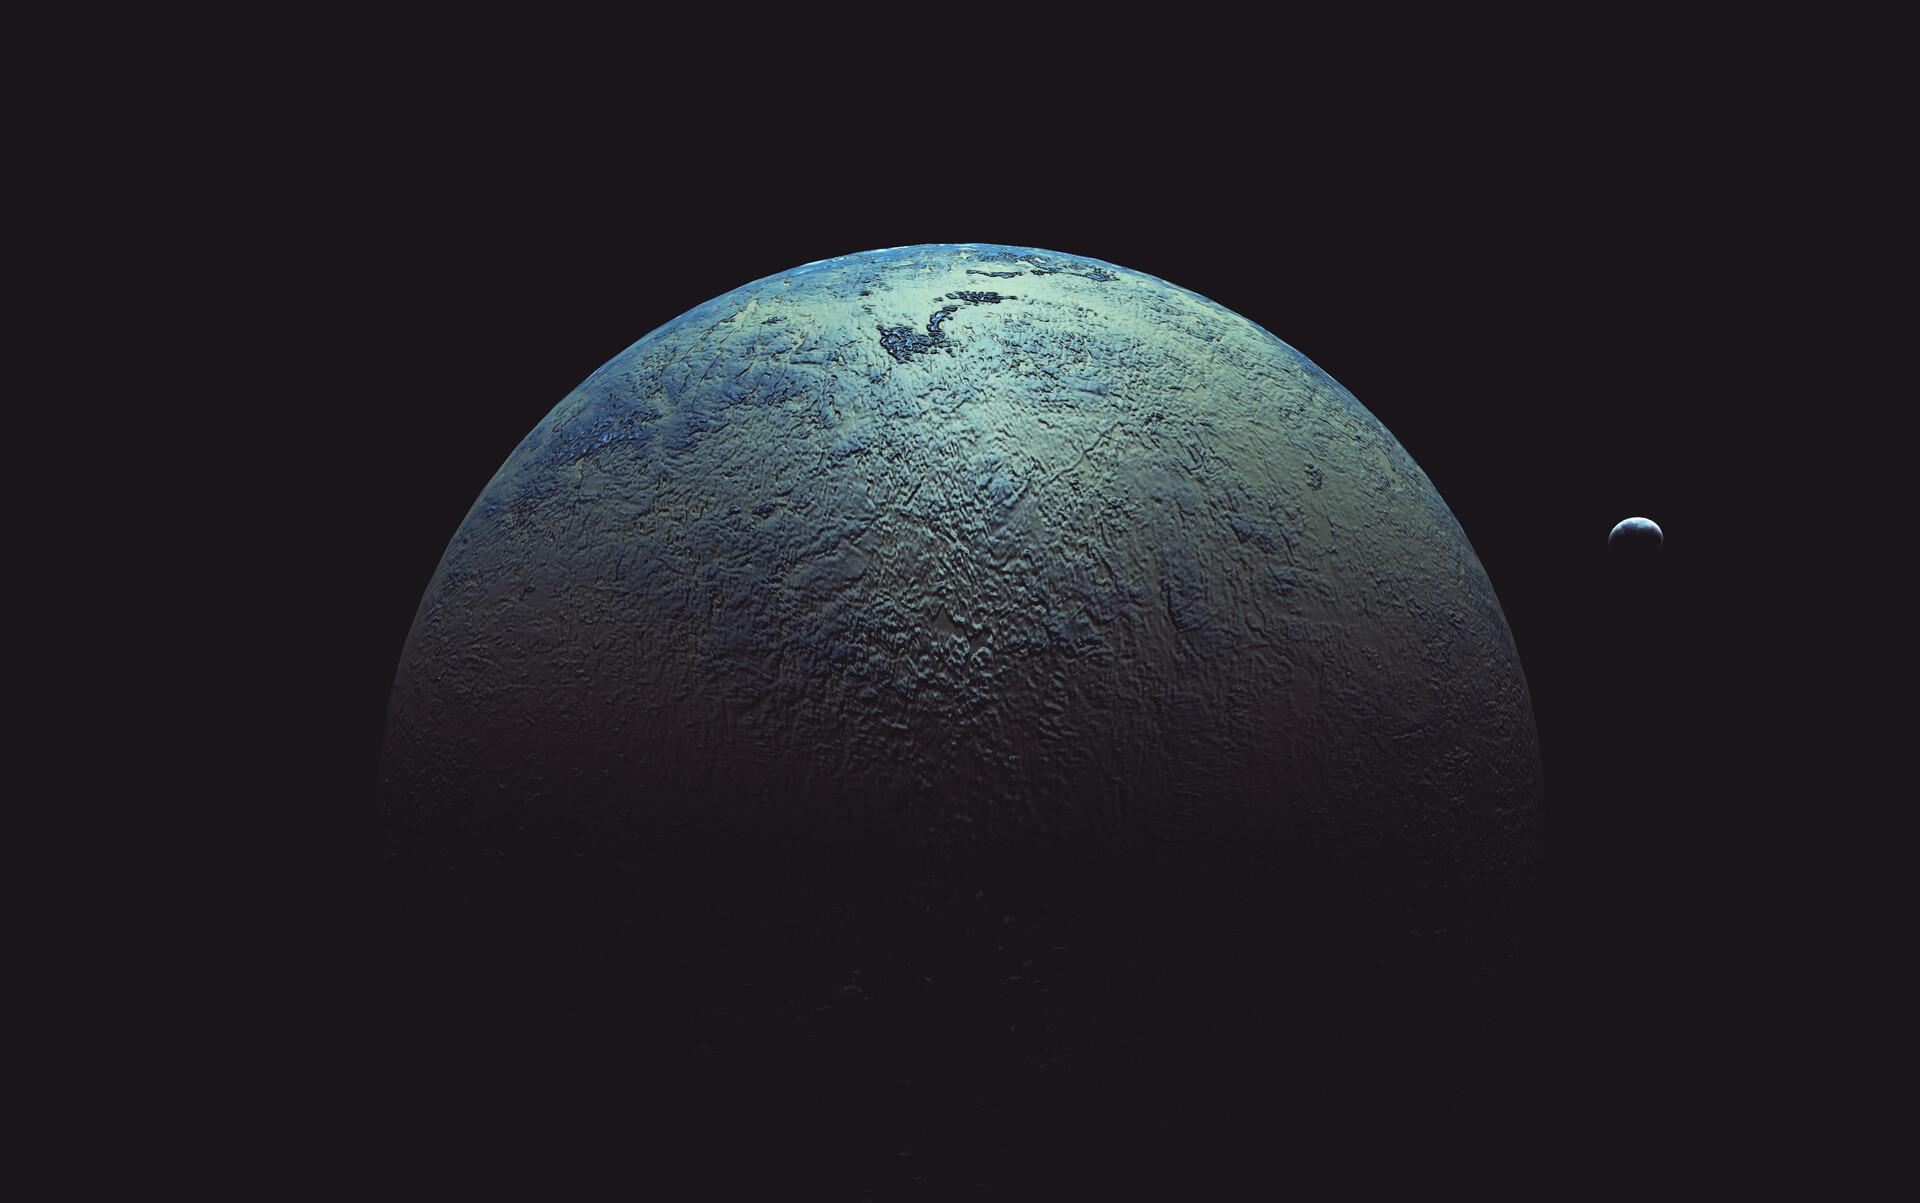 Raul esquivel spacescene 20191008 003600